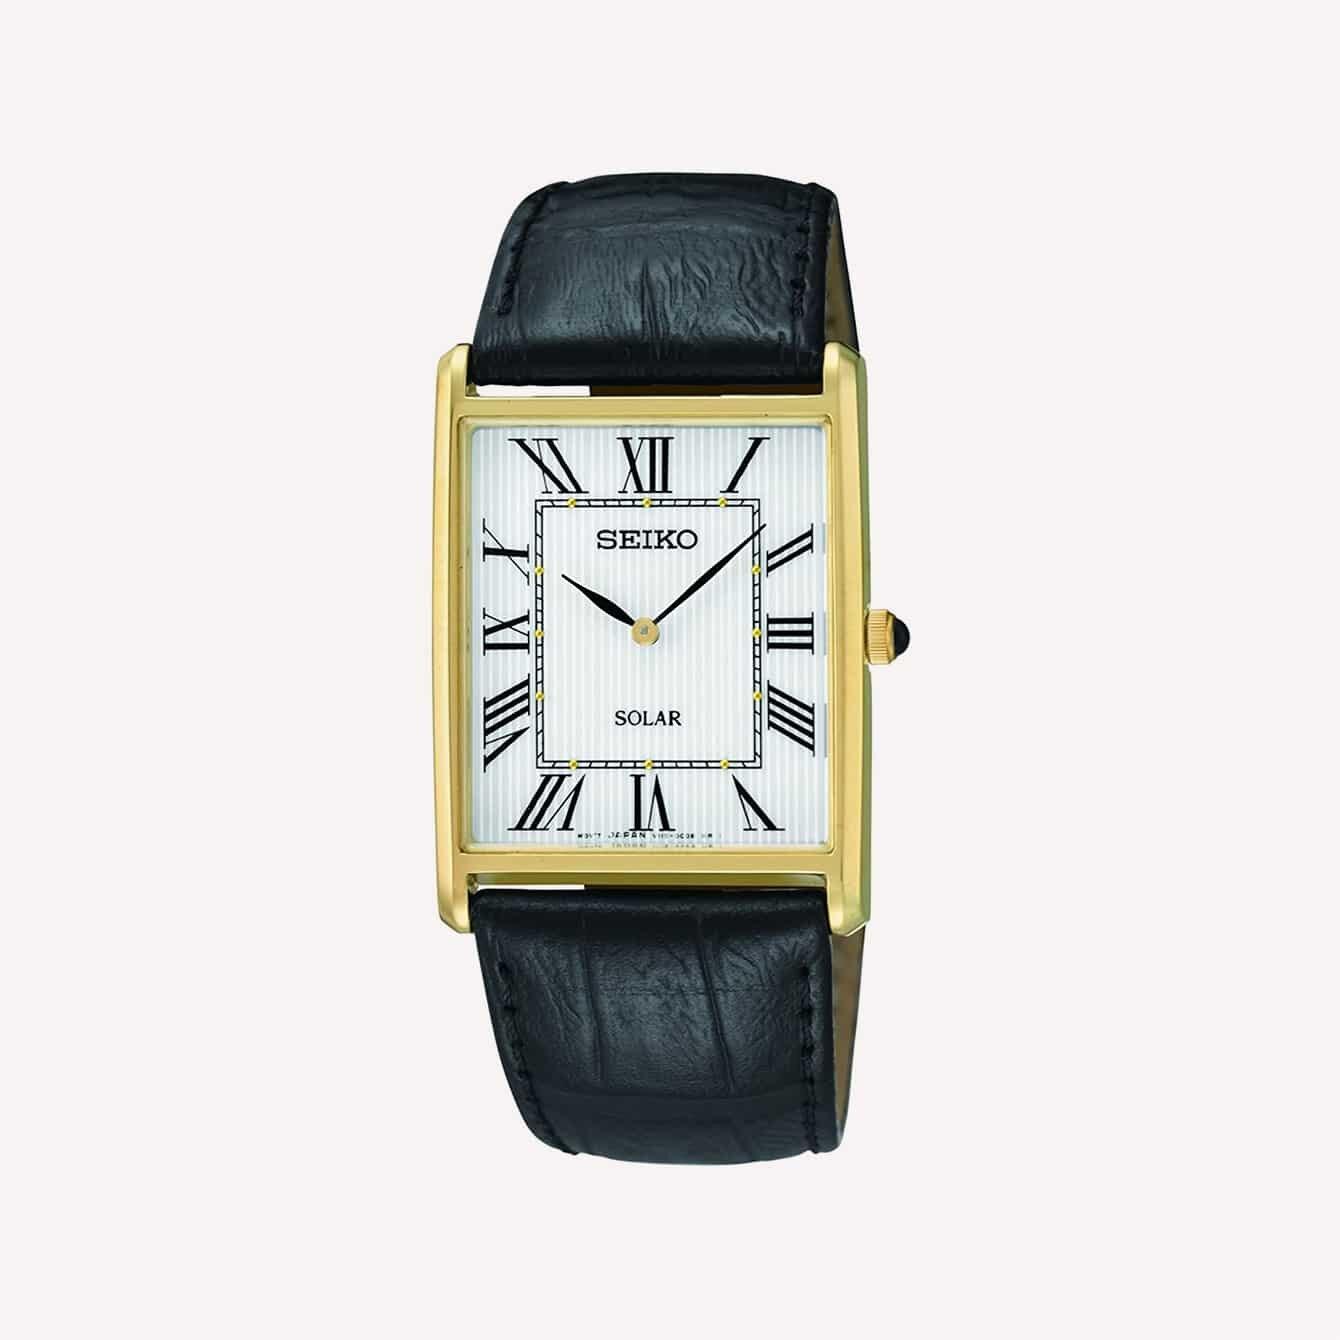 Đồng hồ Seiko Men s SUP880 Analog Display Nhật Bản màu đen thạch anh